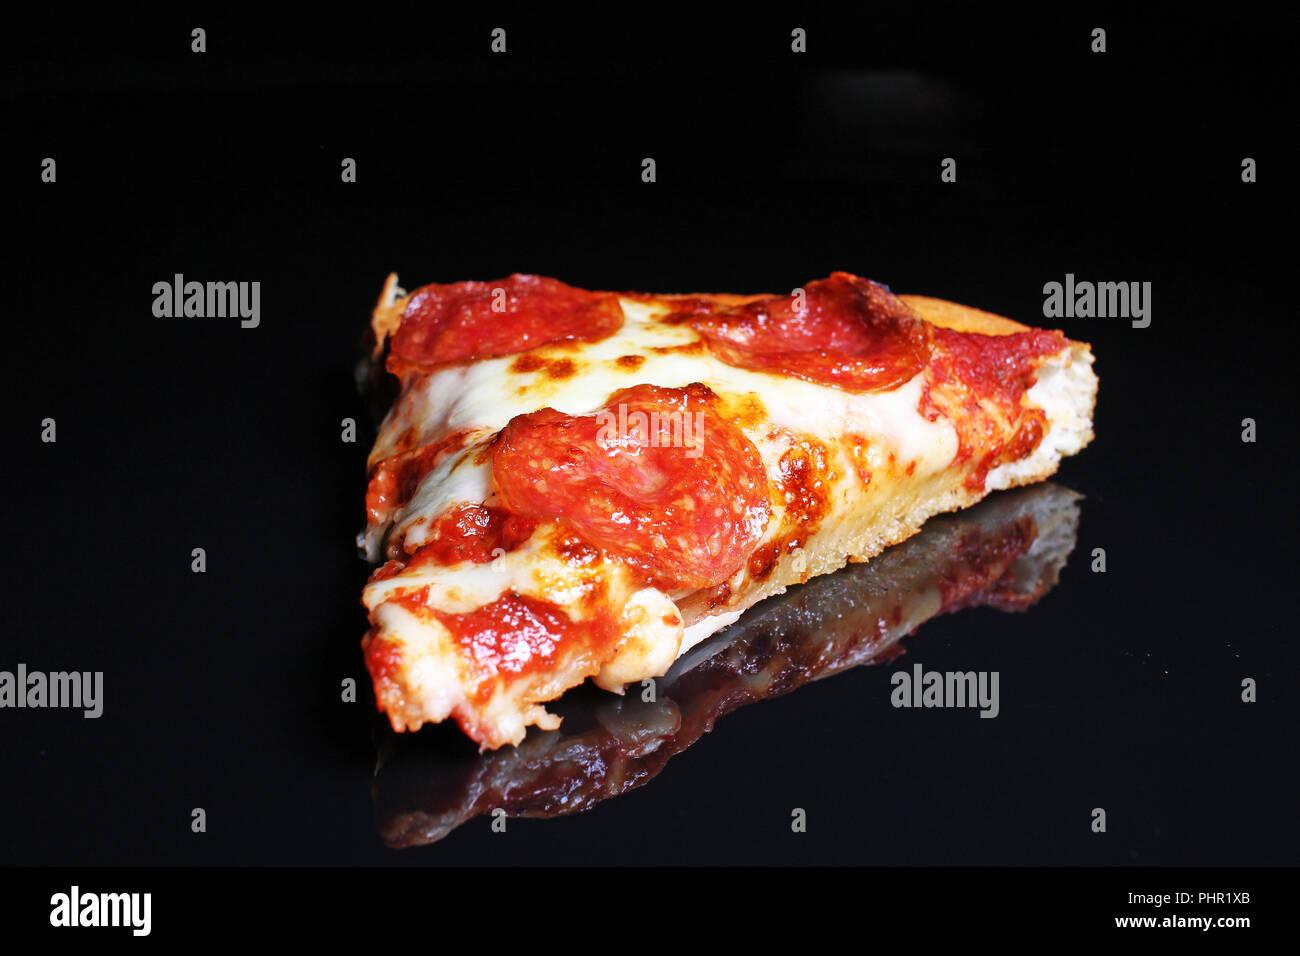 Gros plan de la pizza. Pizza slice sur fond noir. Banque D'Images